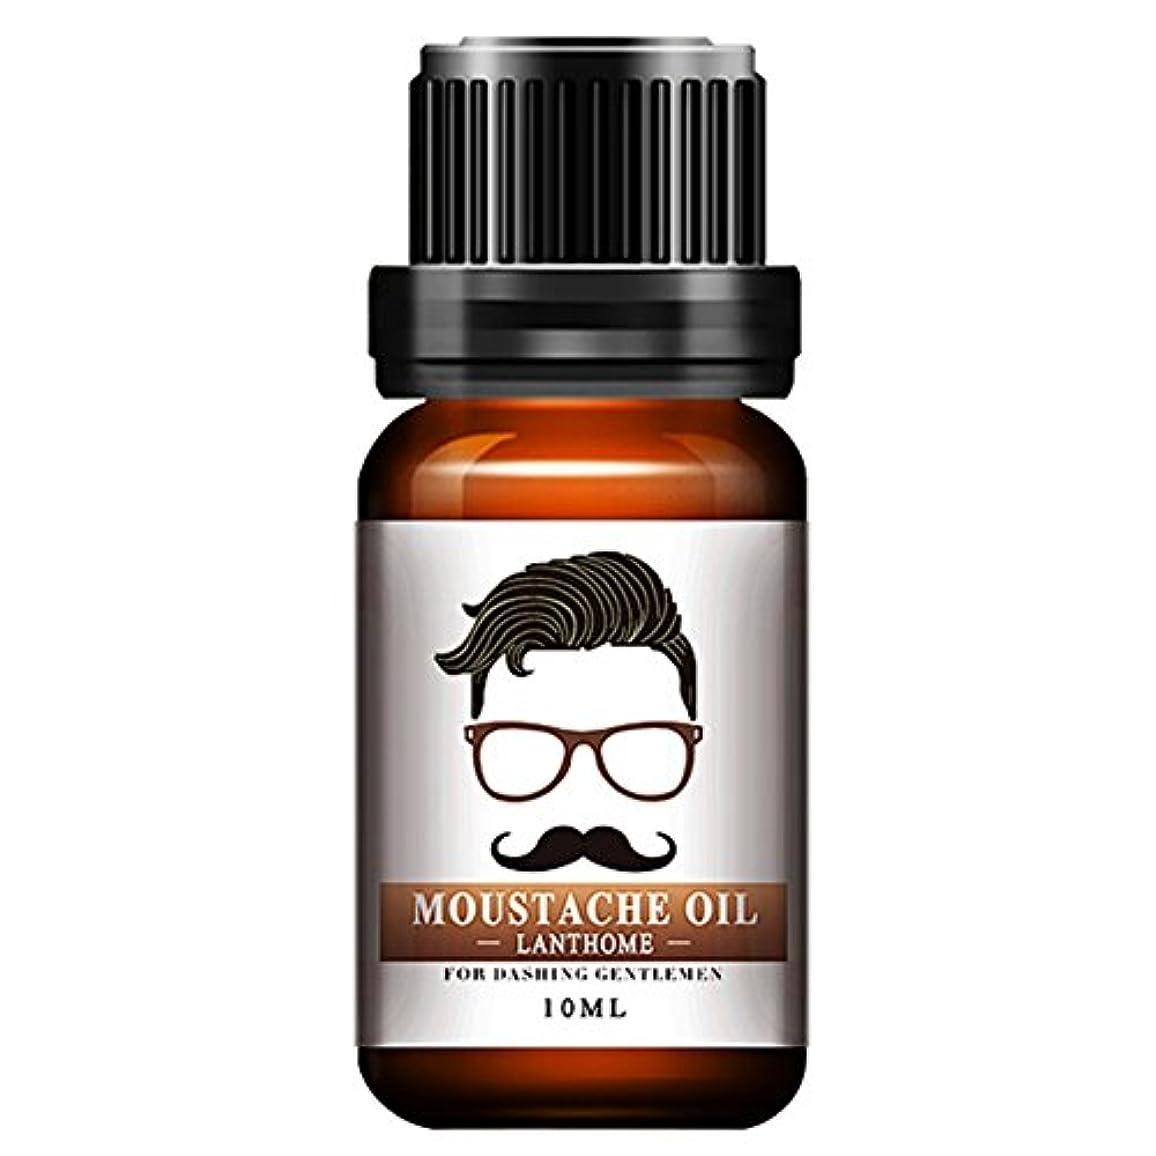 量アクティブオーブンCutelove 男士用 ヒゲ肌用美容液 まつげ美容液 ひげ美容液 ひまし油 無添加